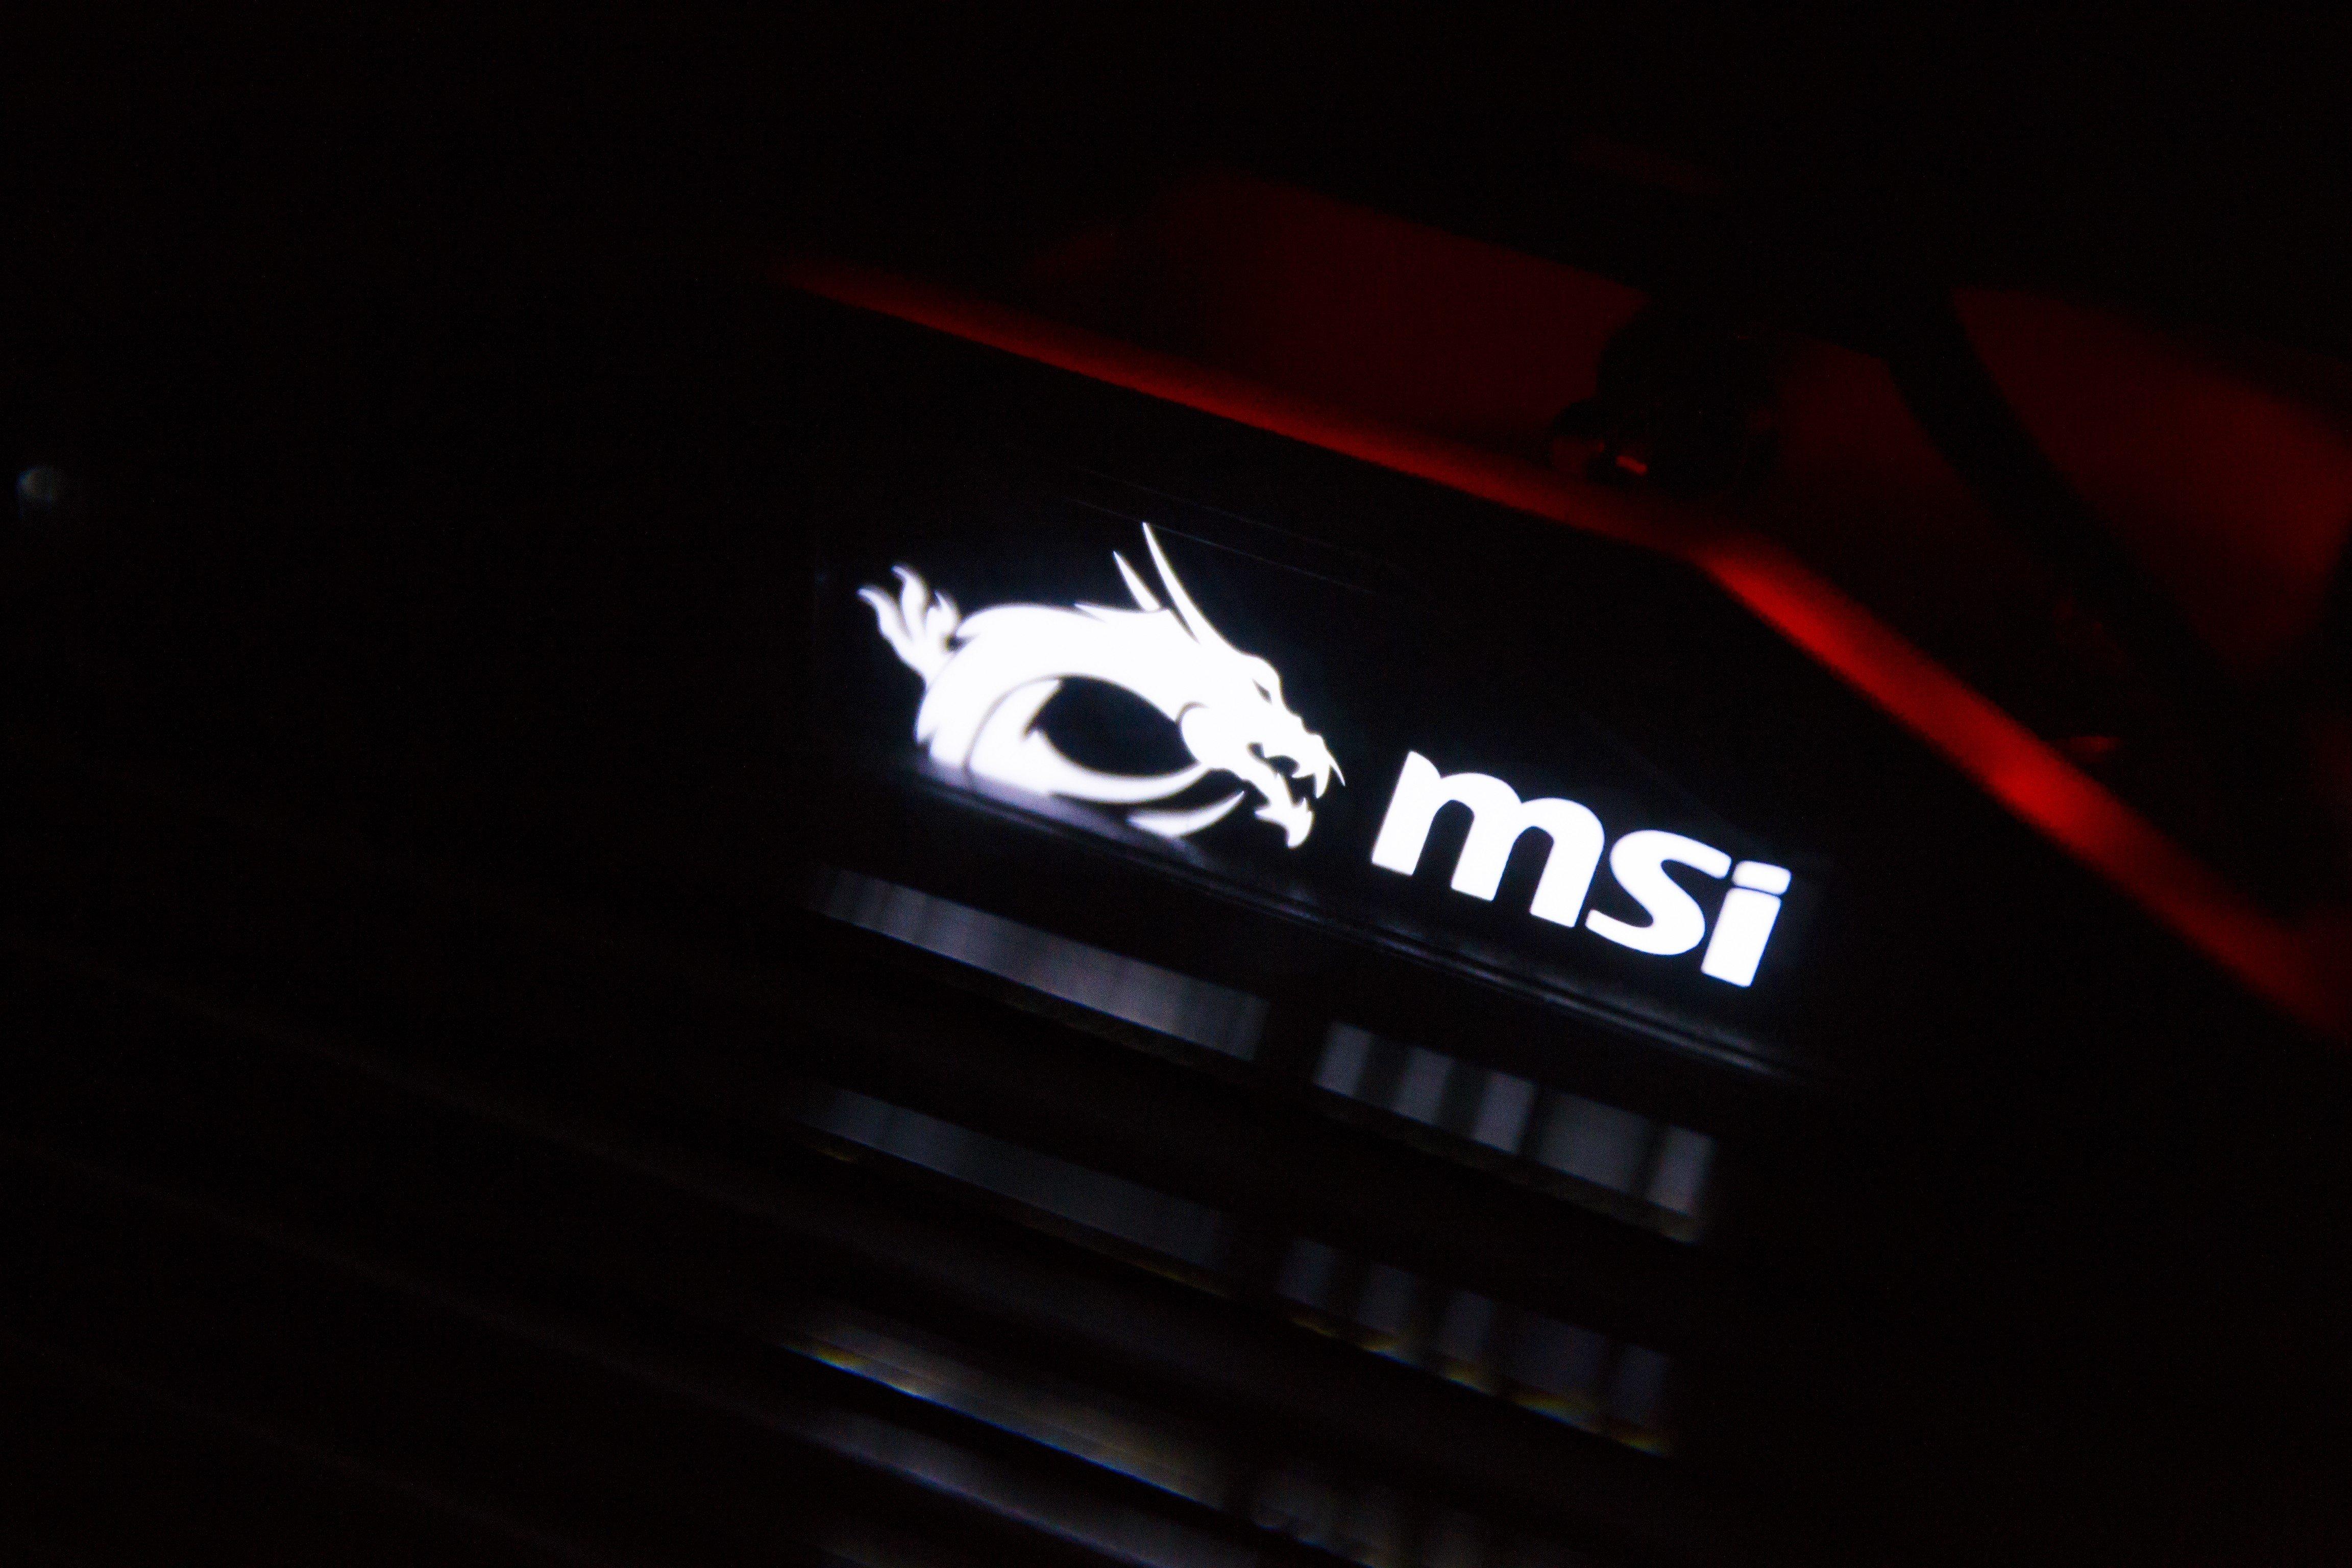 デスクトップ壁紙 4608x3072 Px Msi Pcゲーム 技術 4608x3072 Goodfon デスクトップ壁紙 Wallhere